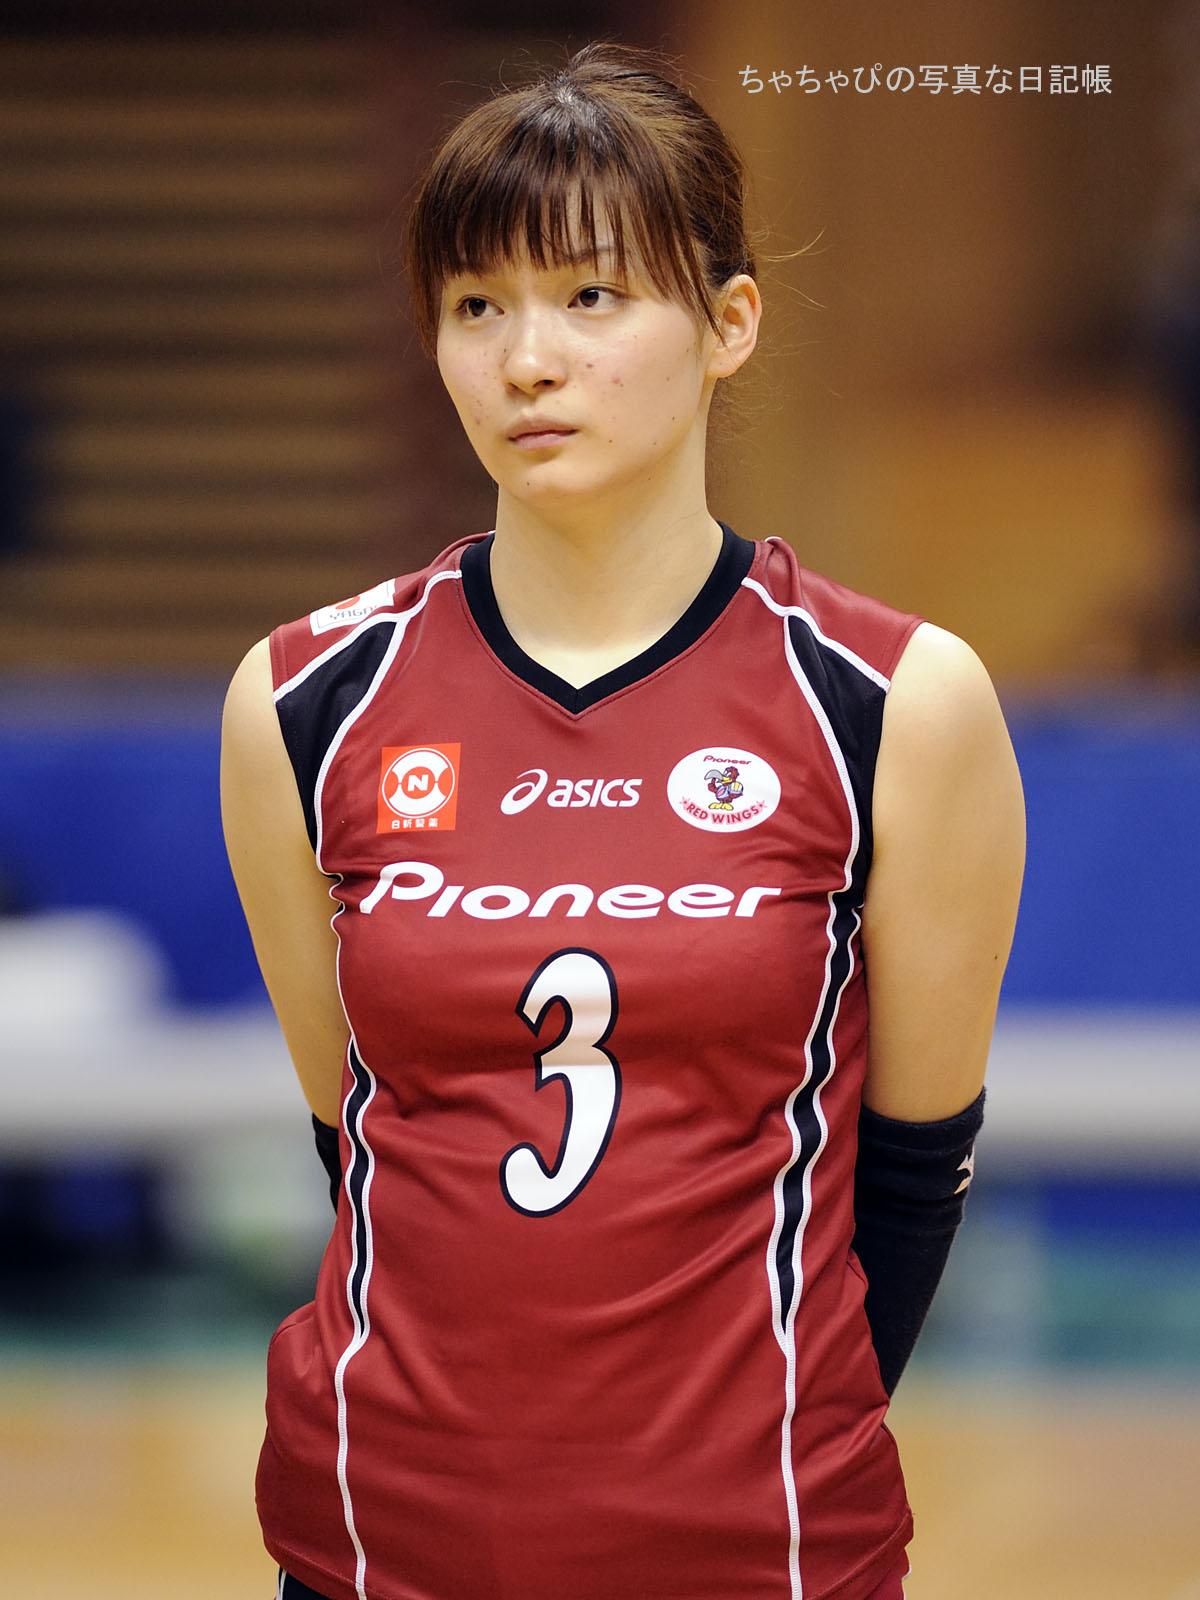 沼田さくら選手